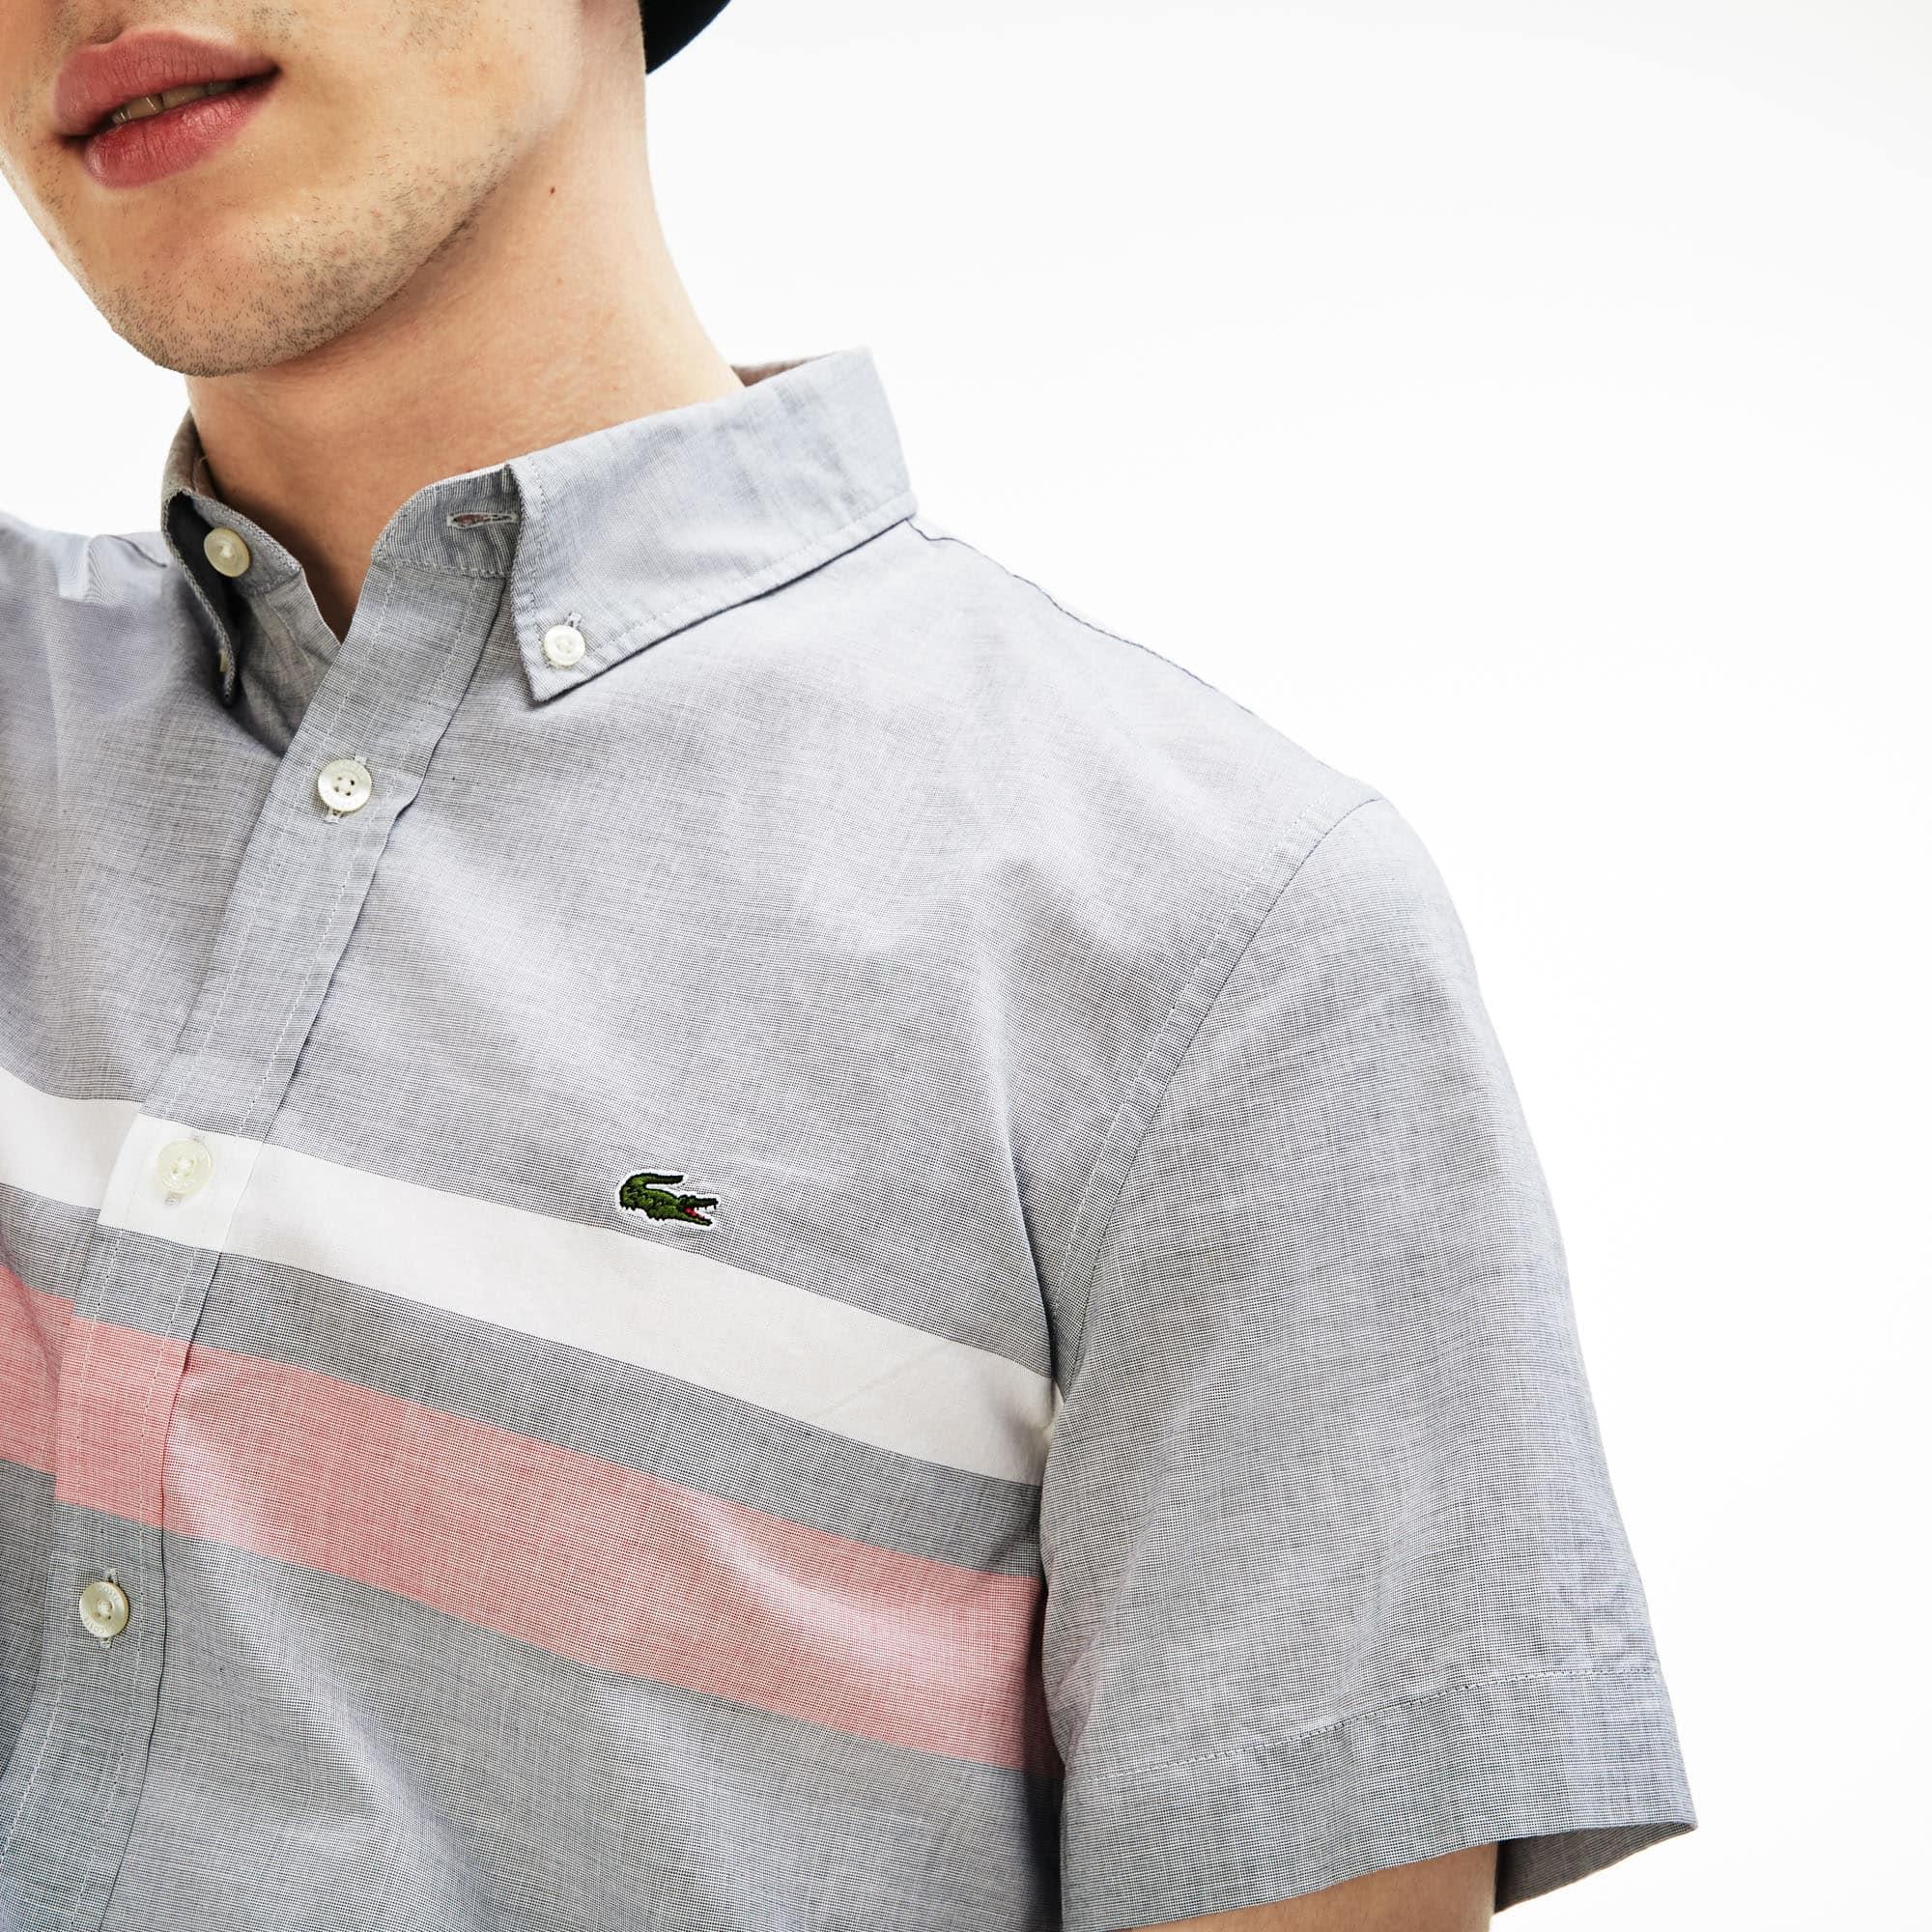 b09c8cc1a4 Men's Slim Fit Tricolour Striped Cotton Short Sleeves Shirt | LACOSTE